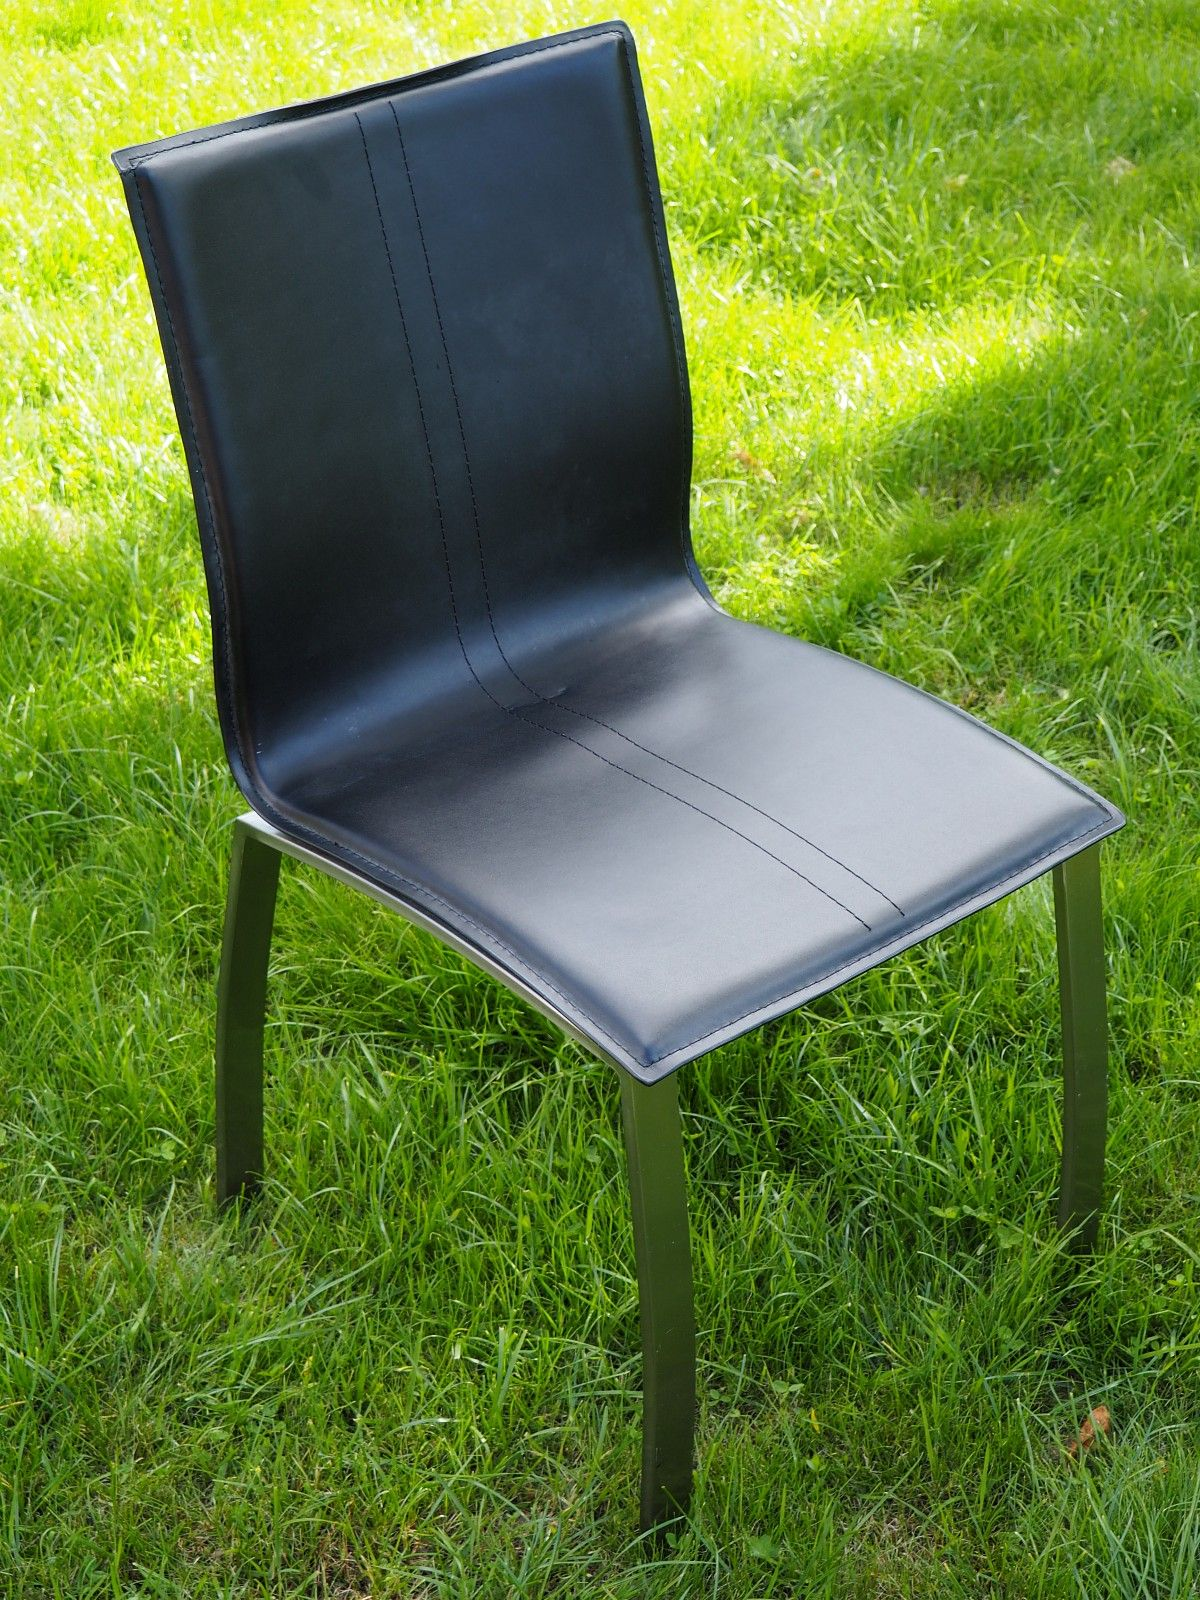 Living kjøkken/spisestuestoler (8stk) - Langesund  - Ble kjøpt på Living i sin tid til 450kr pr stk (kr 3600 totalt). Har 8 stoler som selges samlet. Noen av stolene har noe merker/ slitasje. Men de er gode å sitte i og vil gjøre nytten som kjøkken/spisestuestoler i mange år fremover. Hen - Langesund